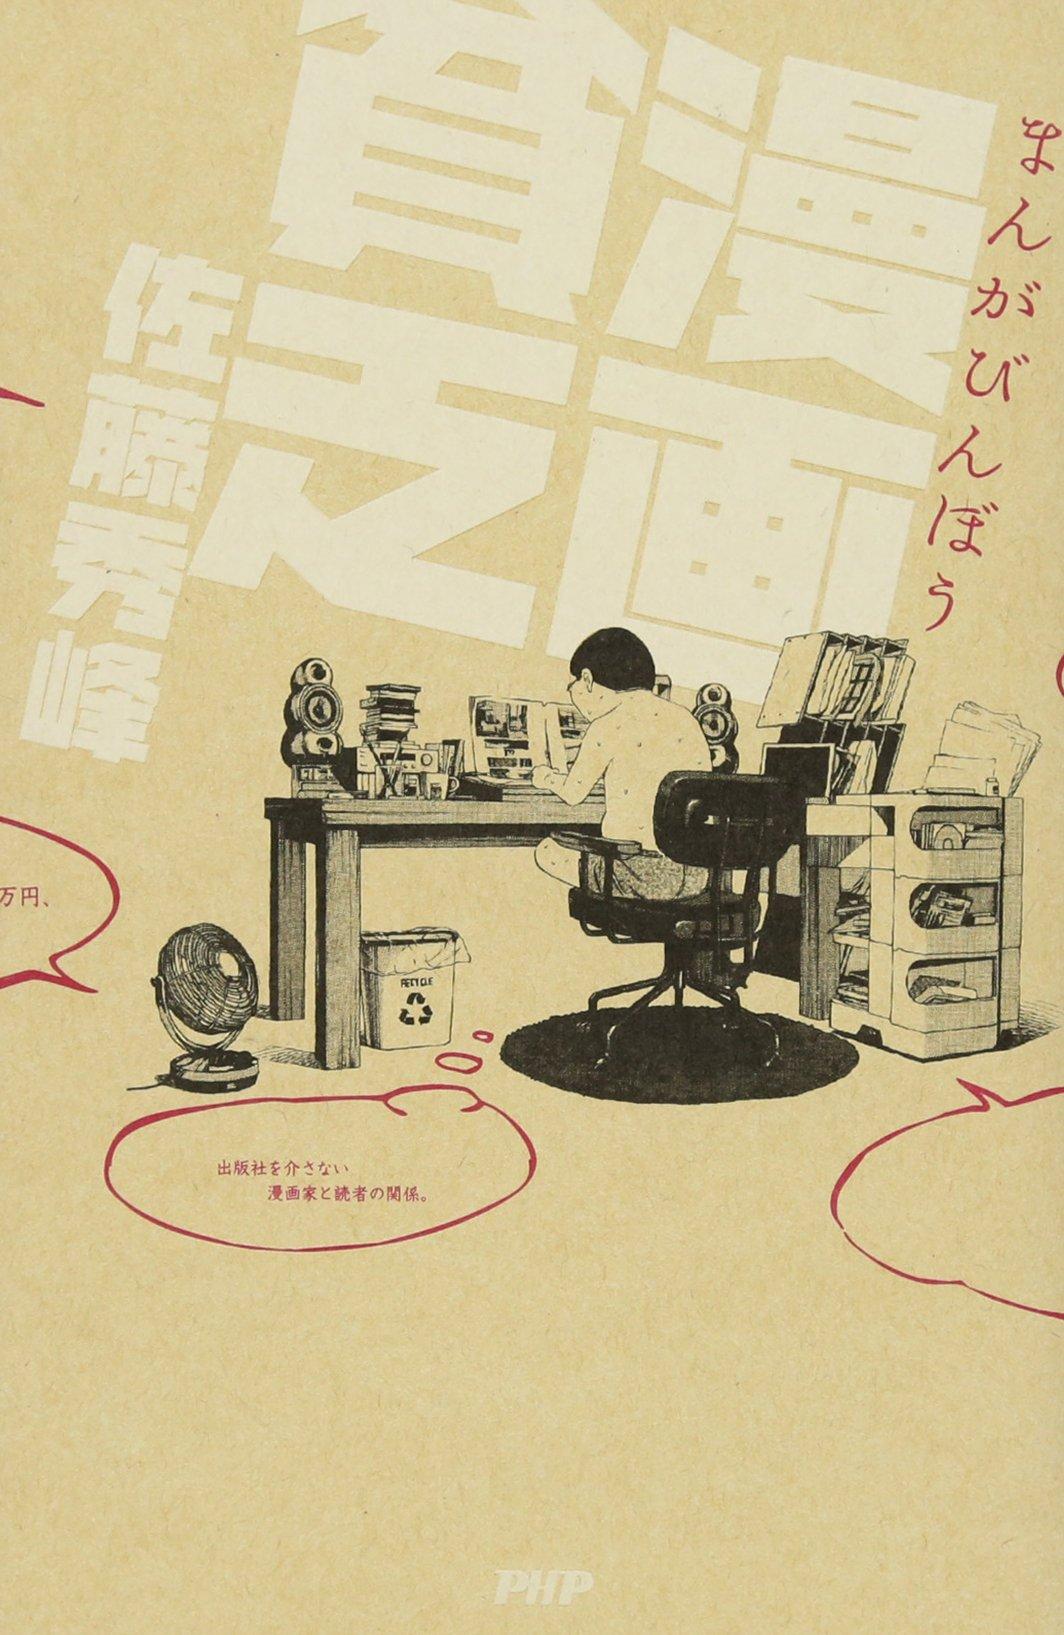 漫画貧乏(まんがびんぼう) | 佐藤 秀峰 |本 | 通販 | Amazon